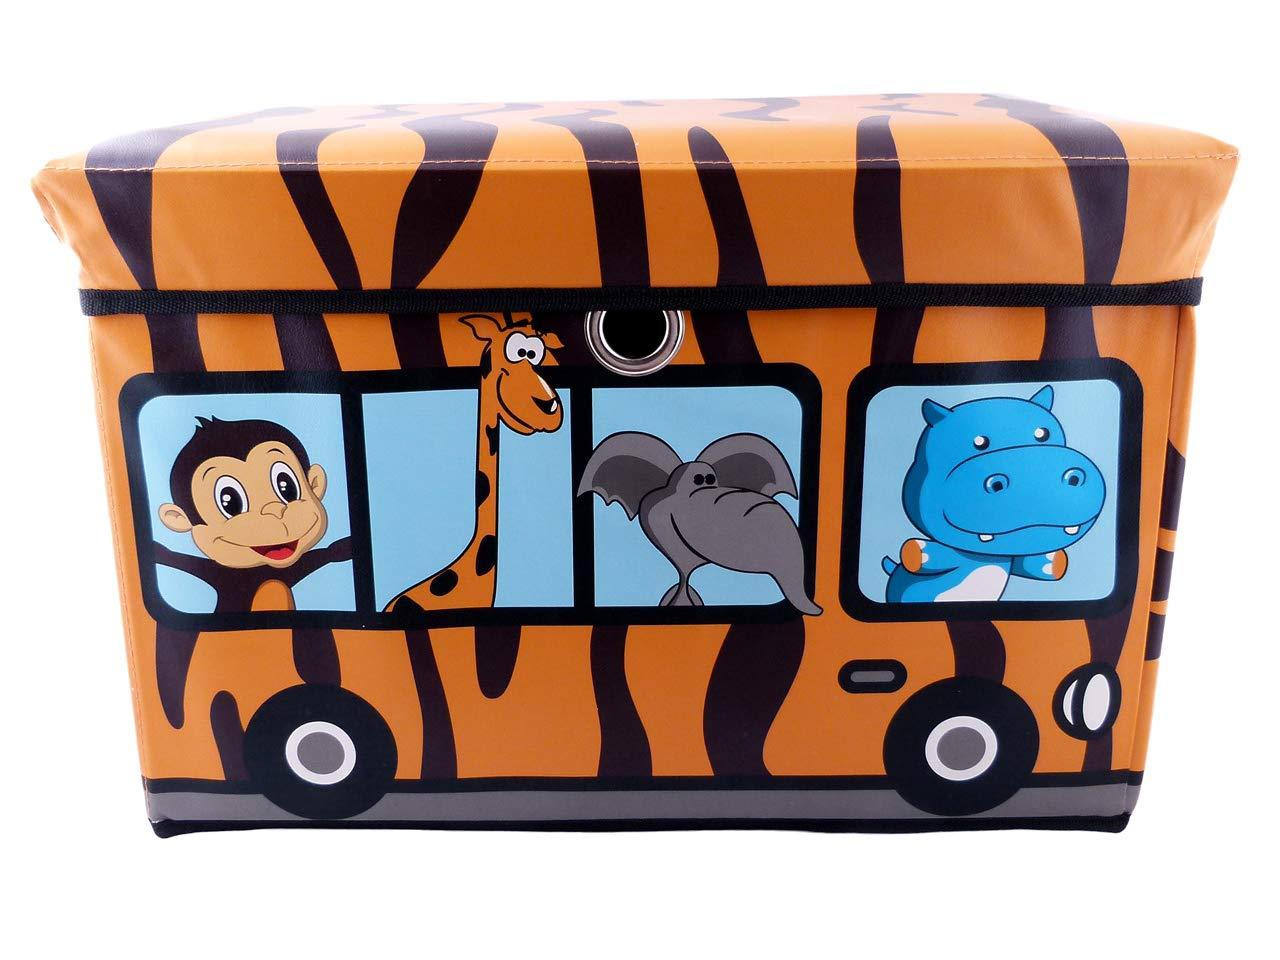 EMAKO Box Baule dei Giocattoli per Bambini Contenitore Giocattoli Cassapanca 47L Orange